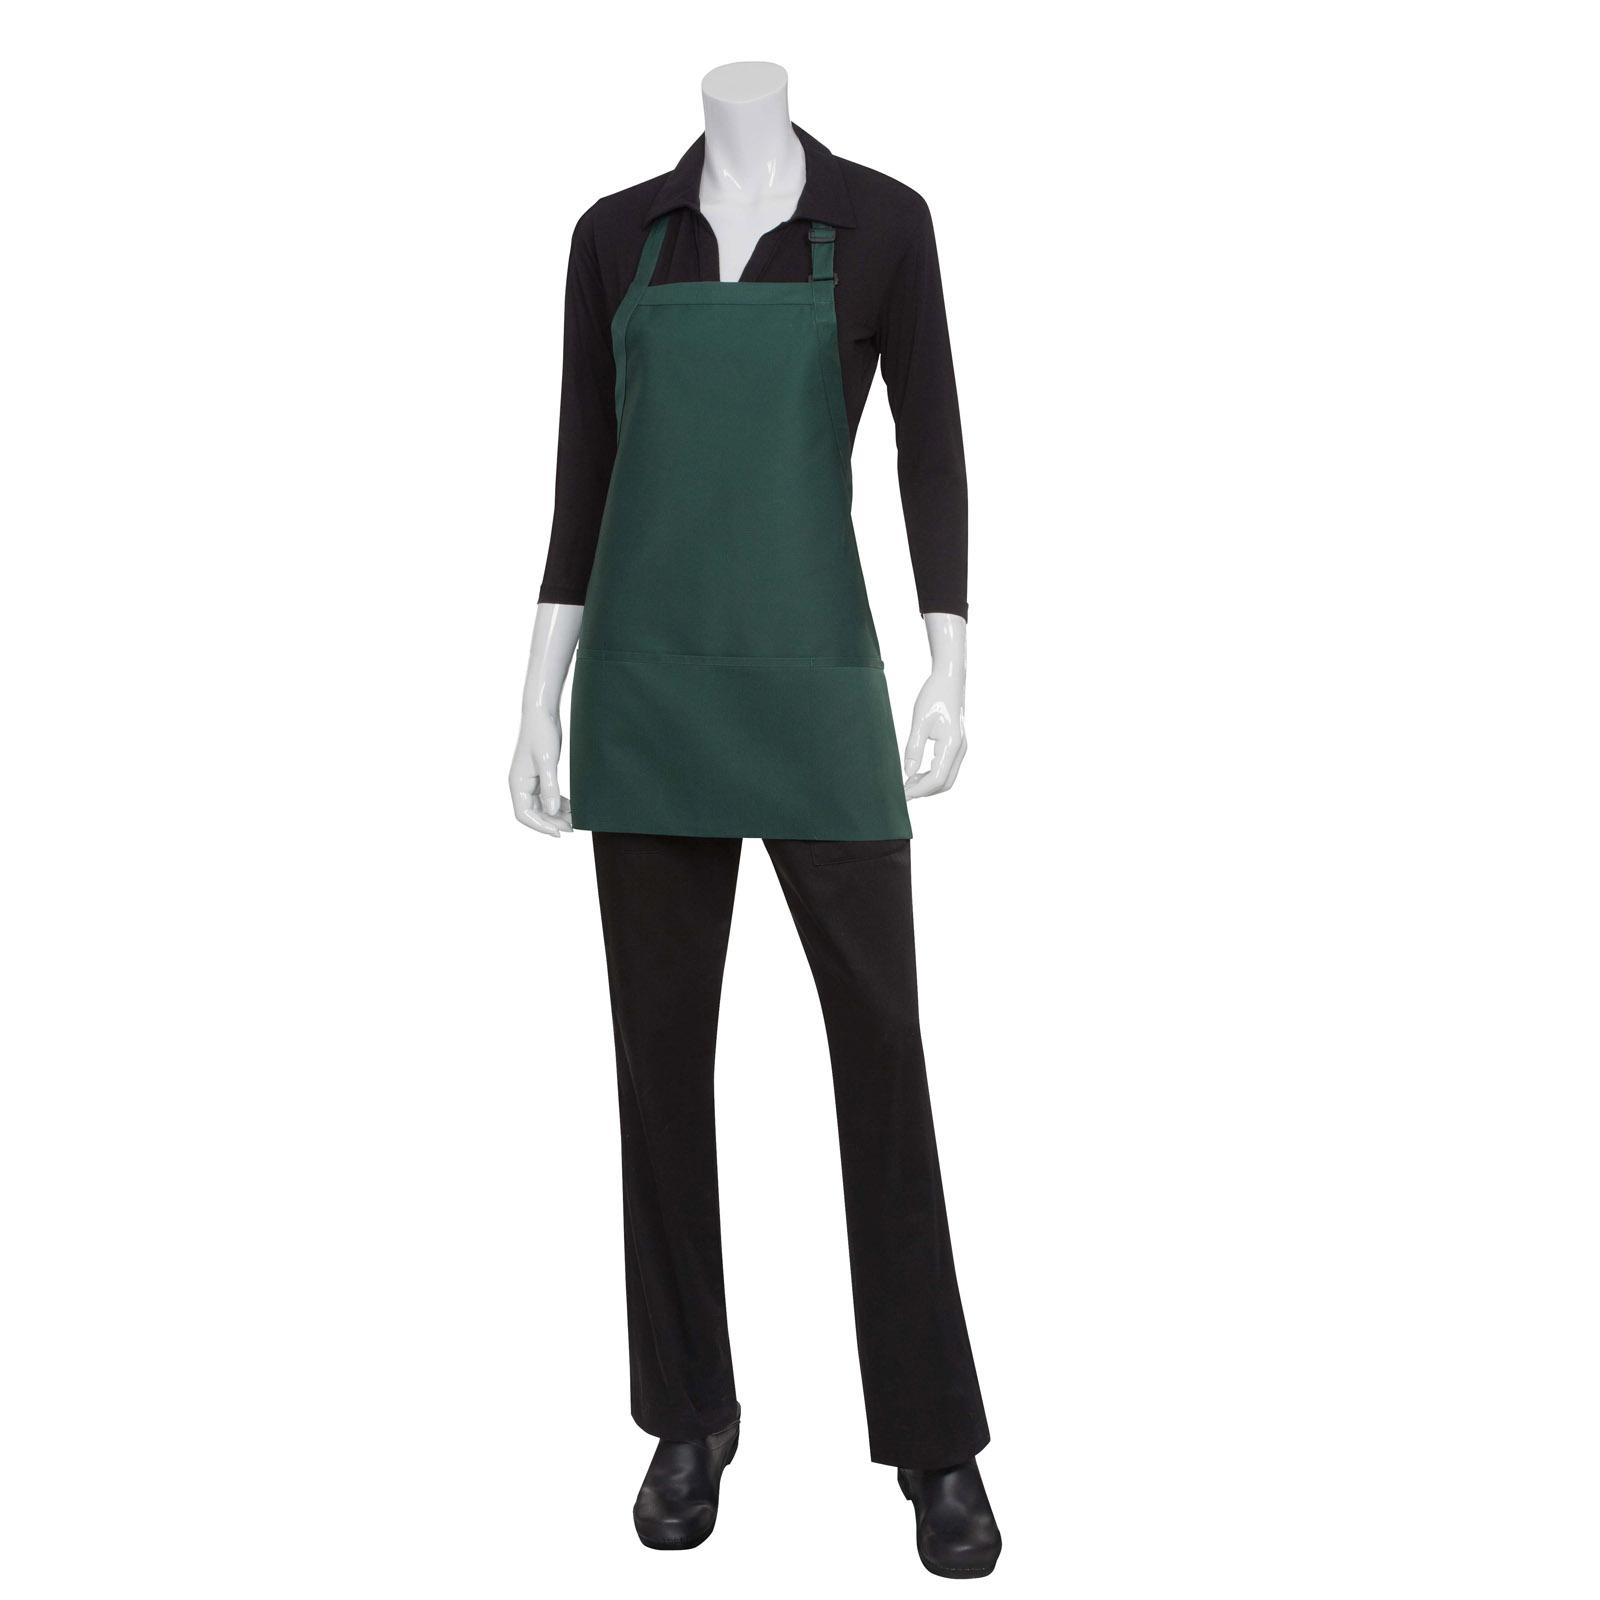 Chef Works F10 ROY0 bib apron